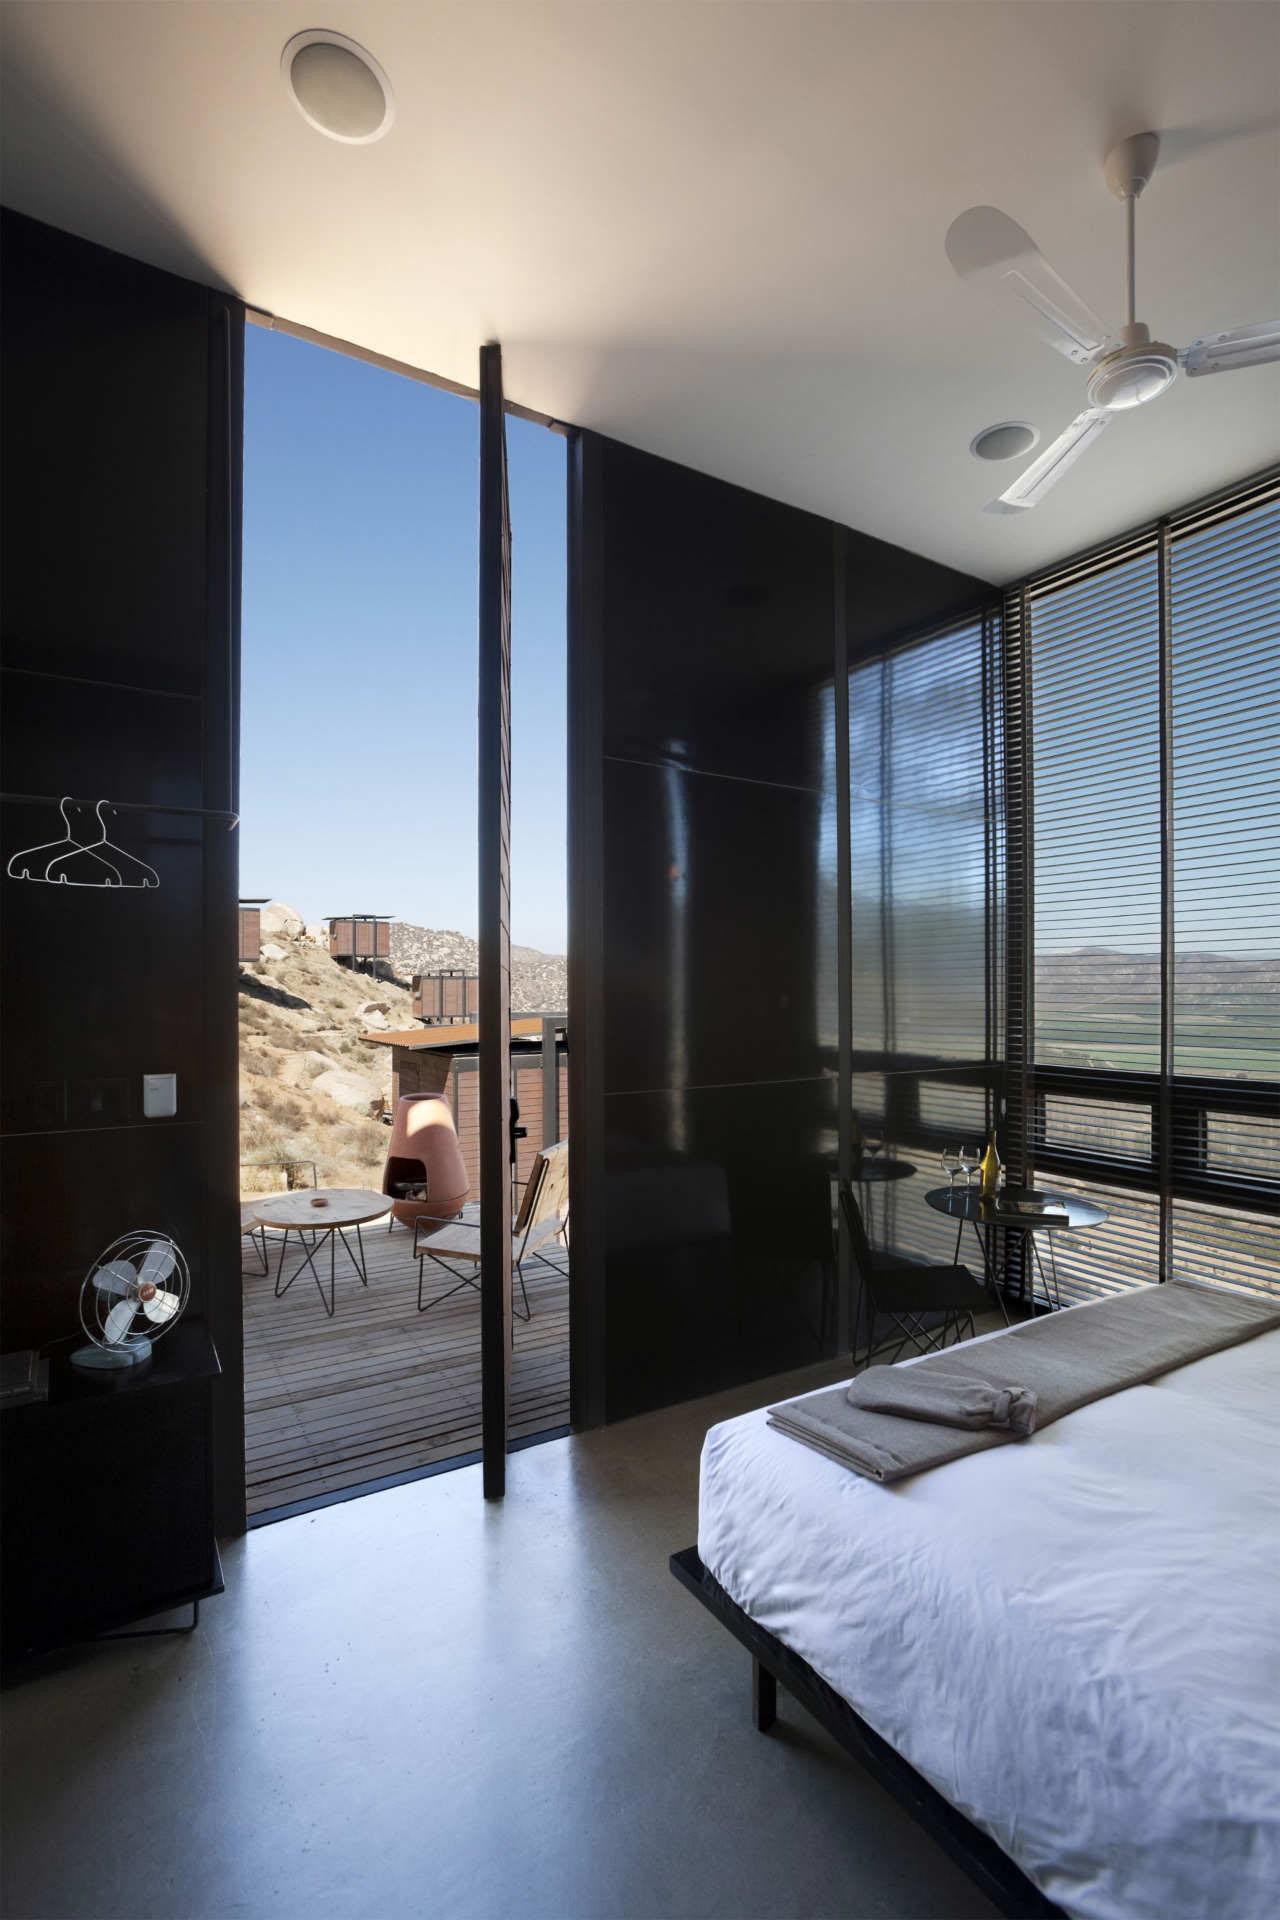 Eco Hotel Endmico Resguardo Silvestre  iDesignArch